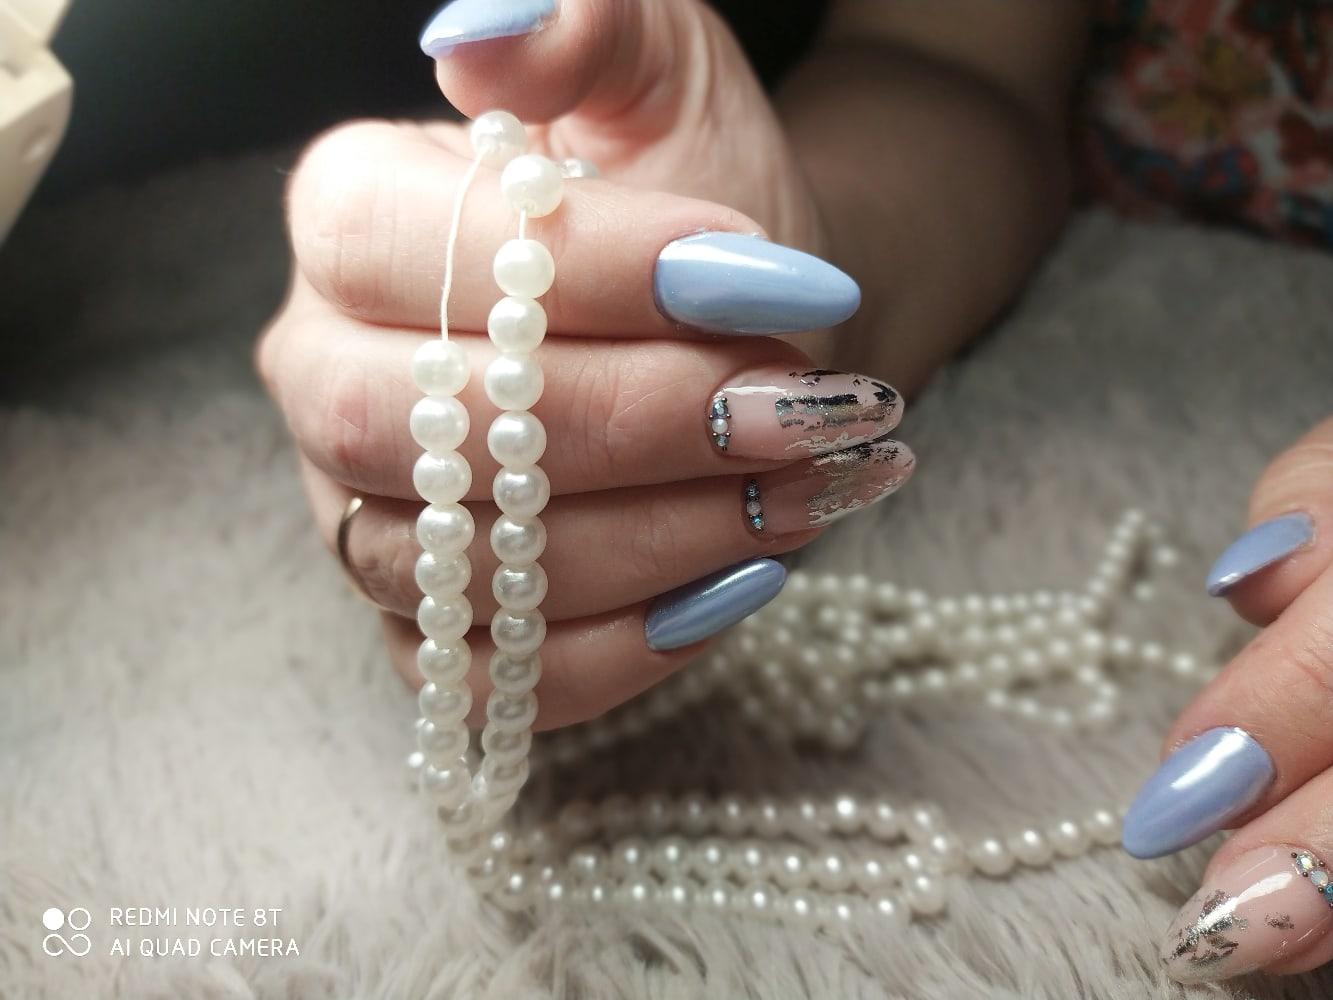 Маникюр с серебряной фольгой, втиркой и стразами в голубом цвете на длинные ногти.